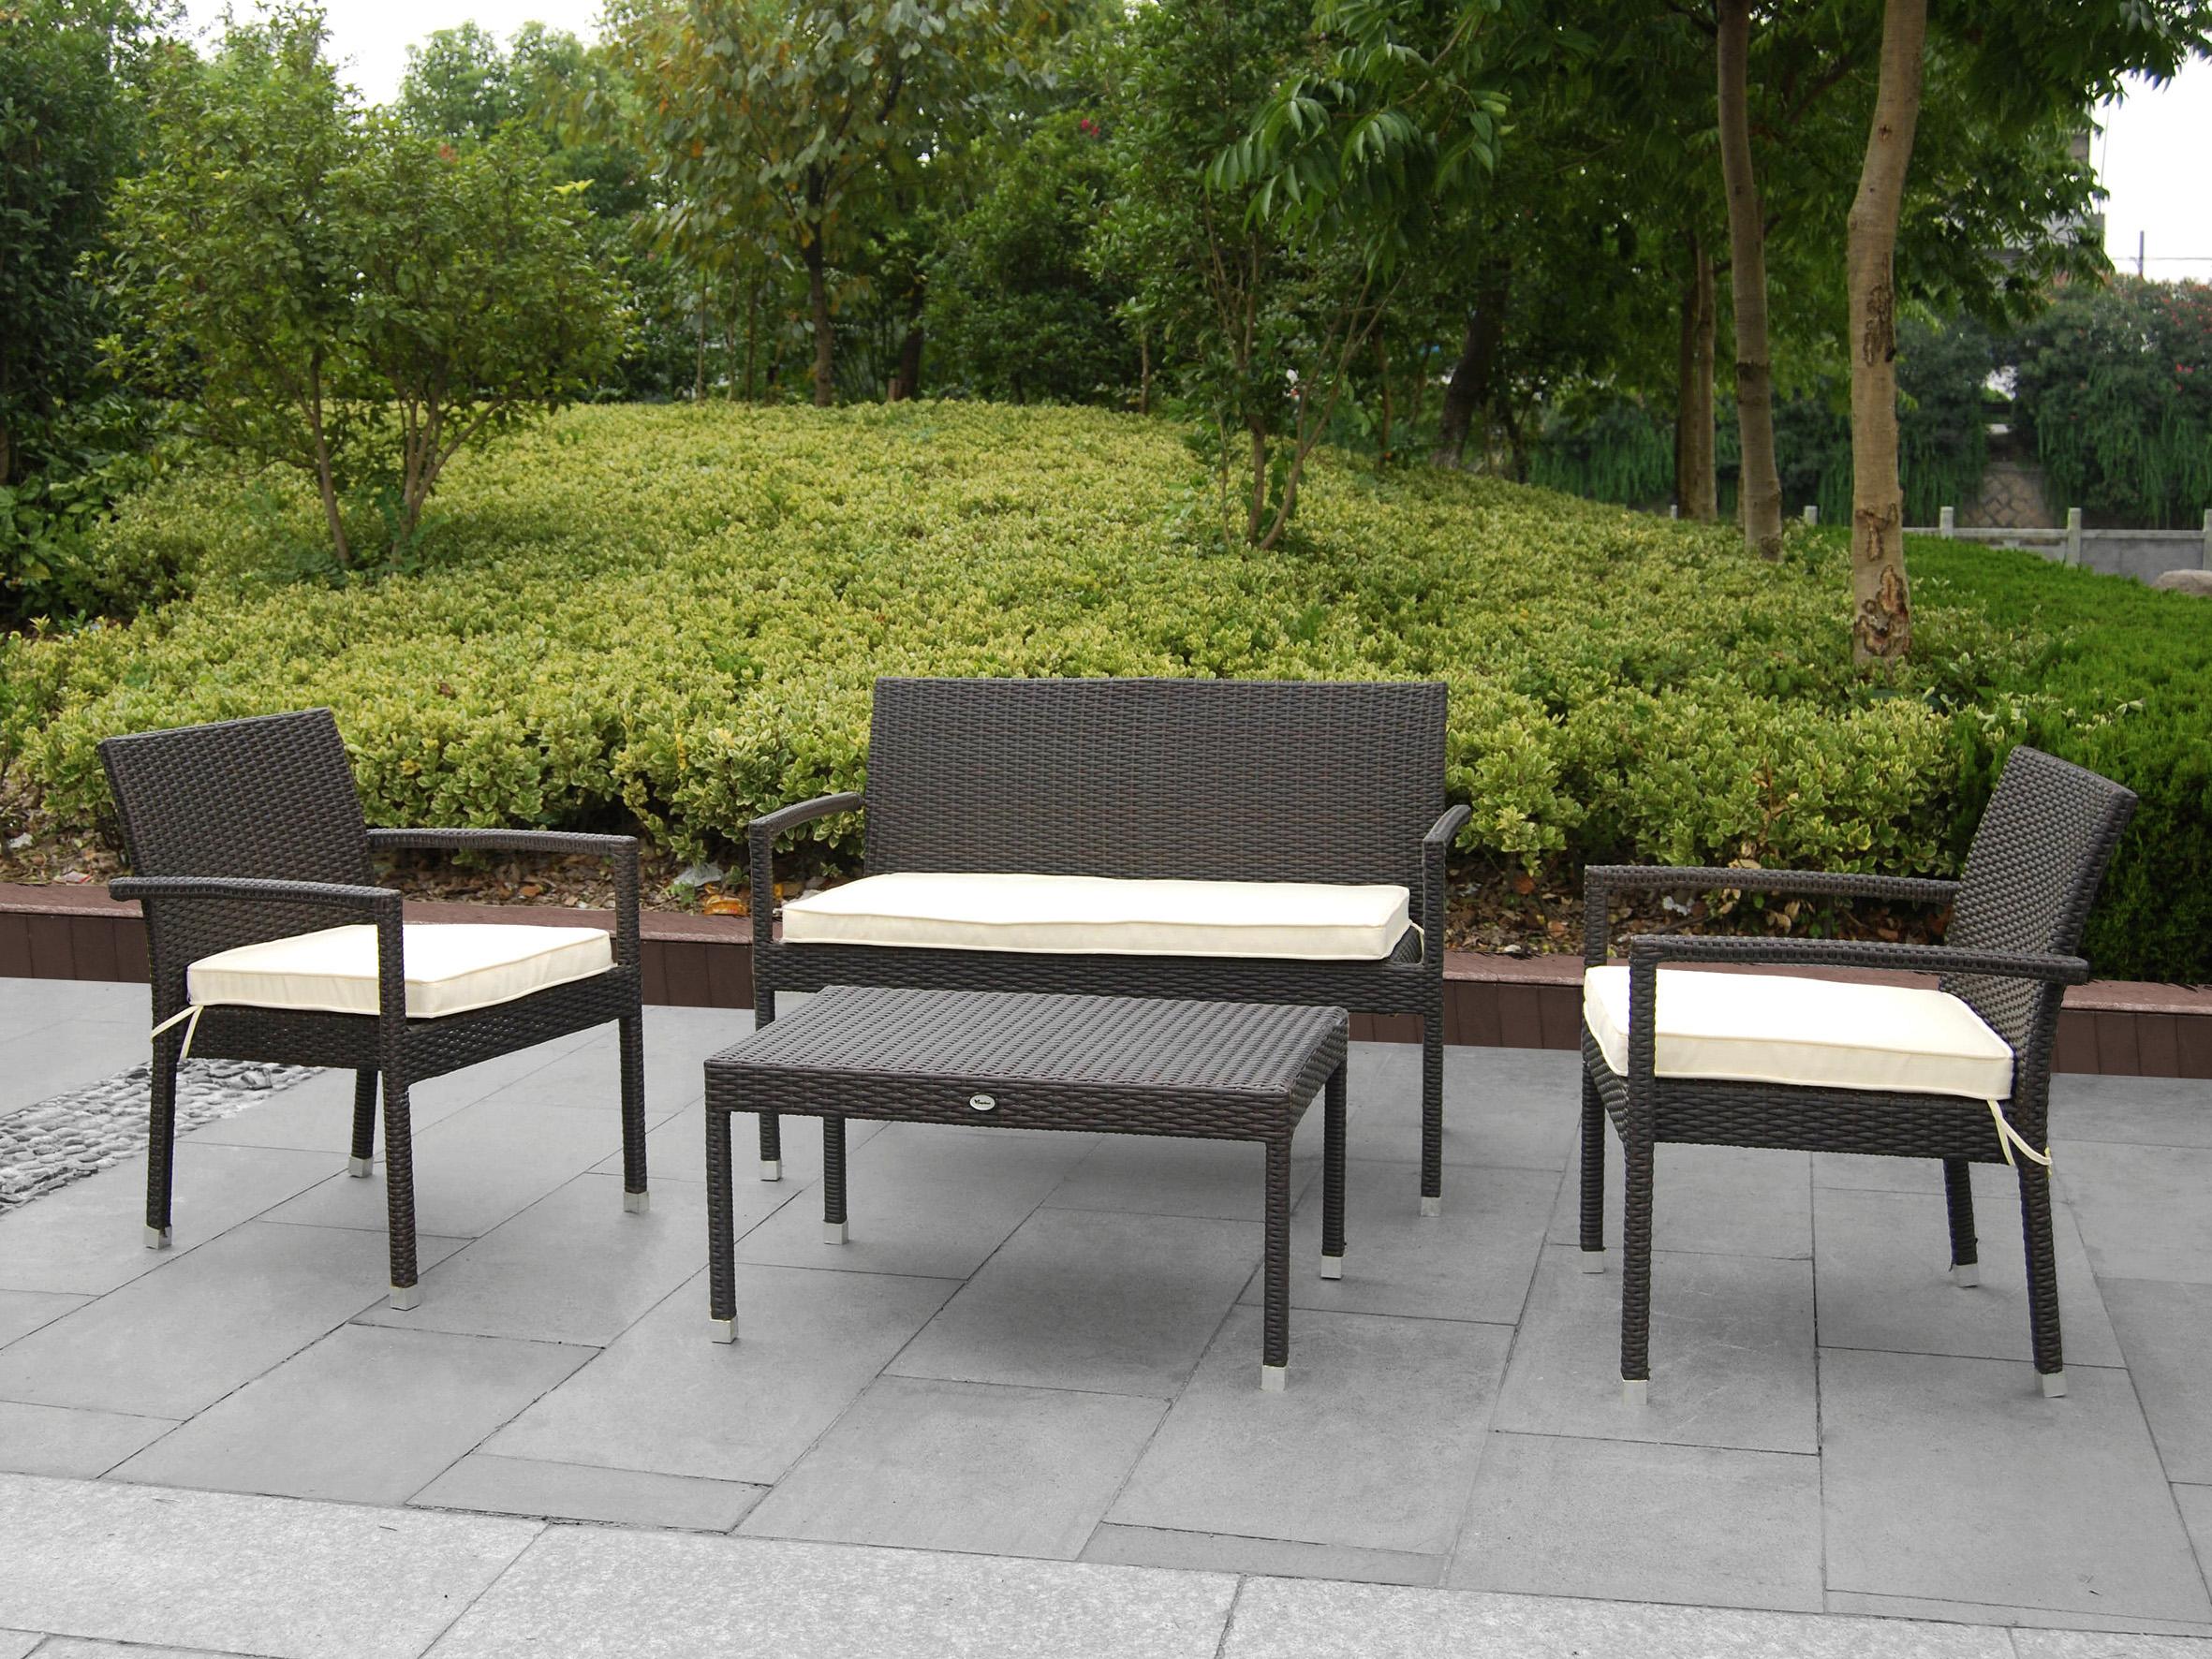 Mobiliario para exterior mesas y sillas generico conjunto for Mobiliario de jardin online